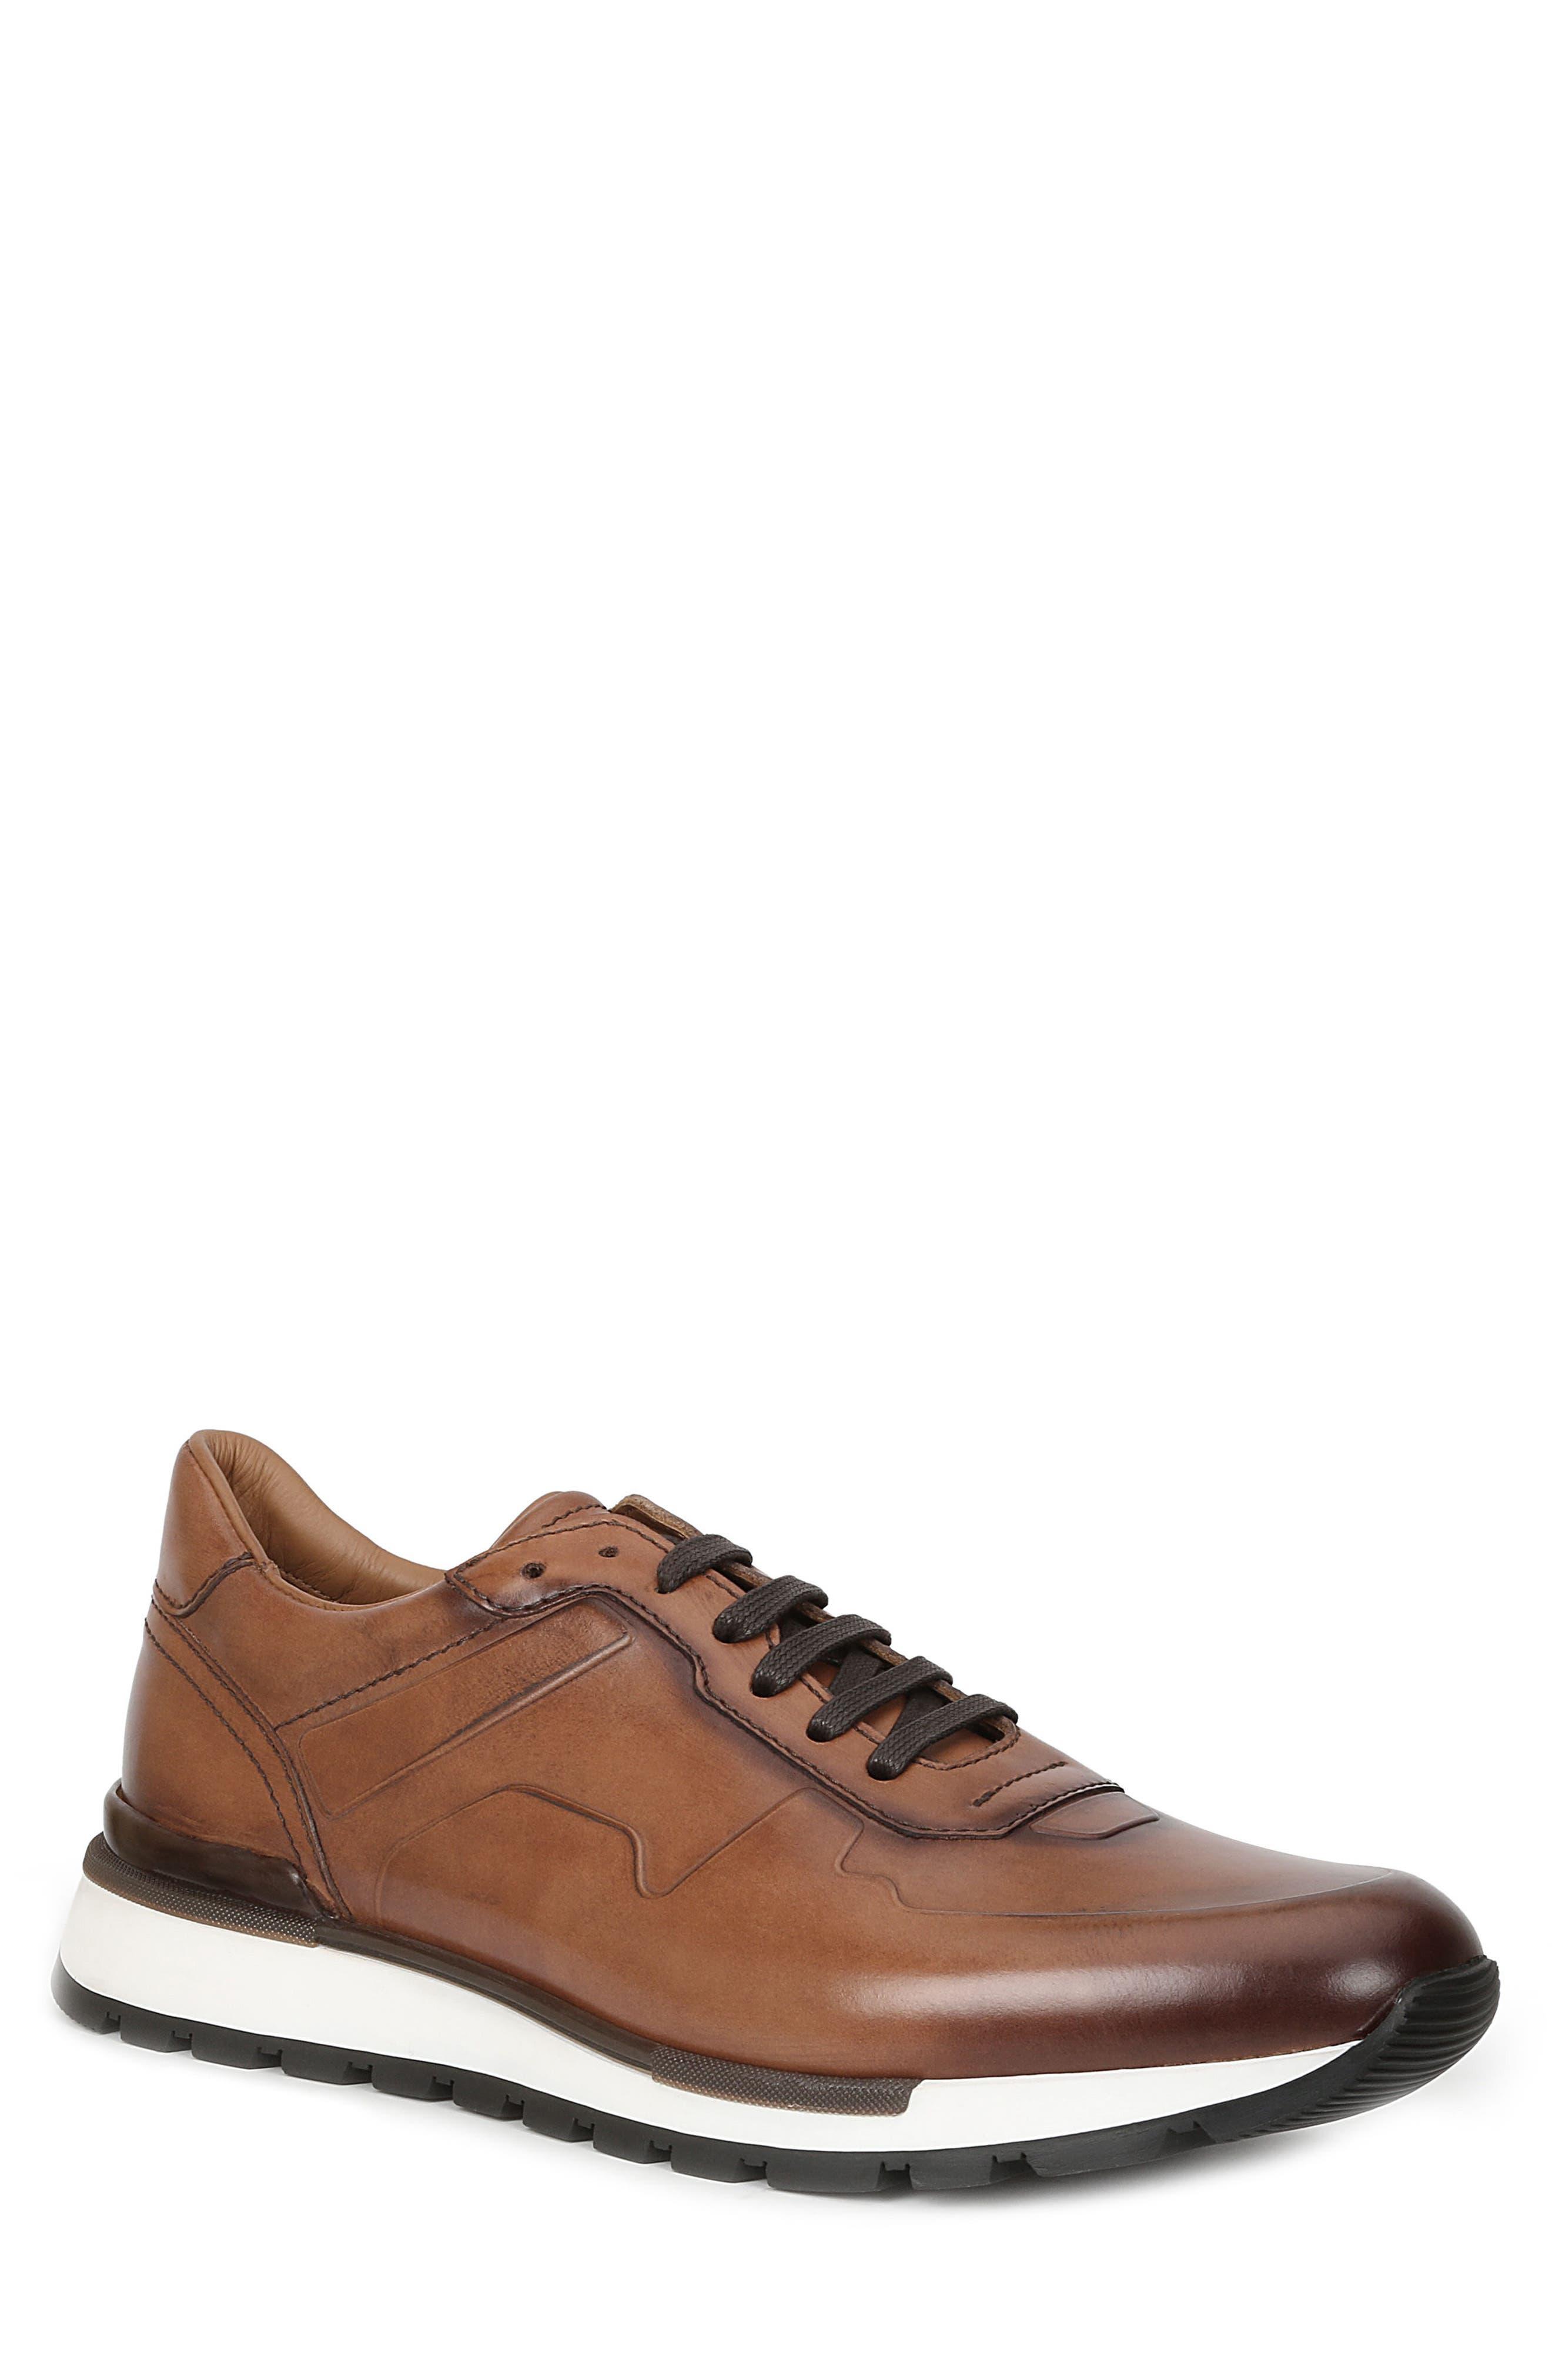 Davio Low Top Sneaker,                             Main thumbnail 1, color,                             COGNAC